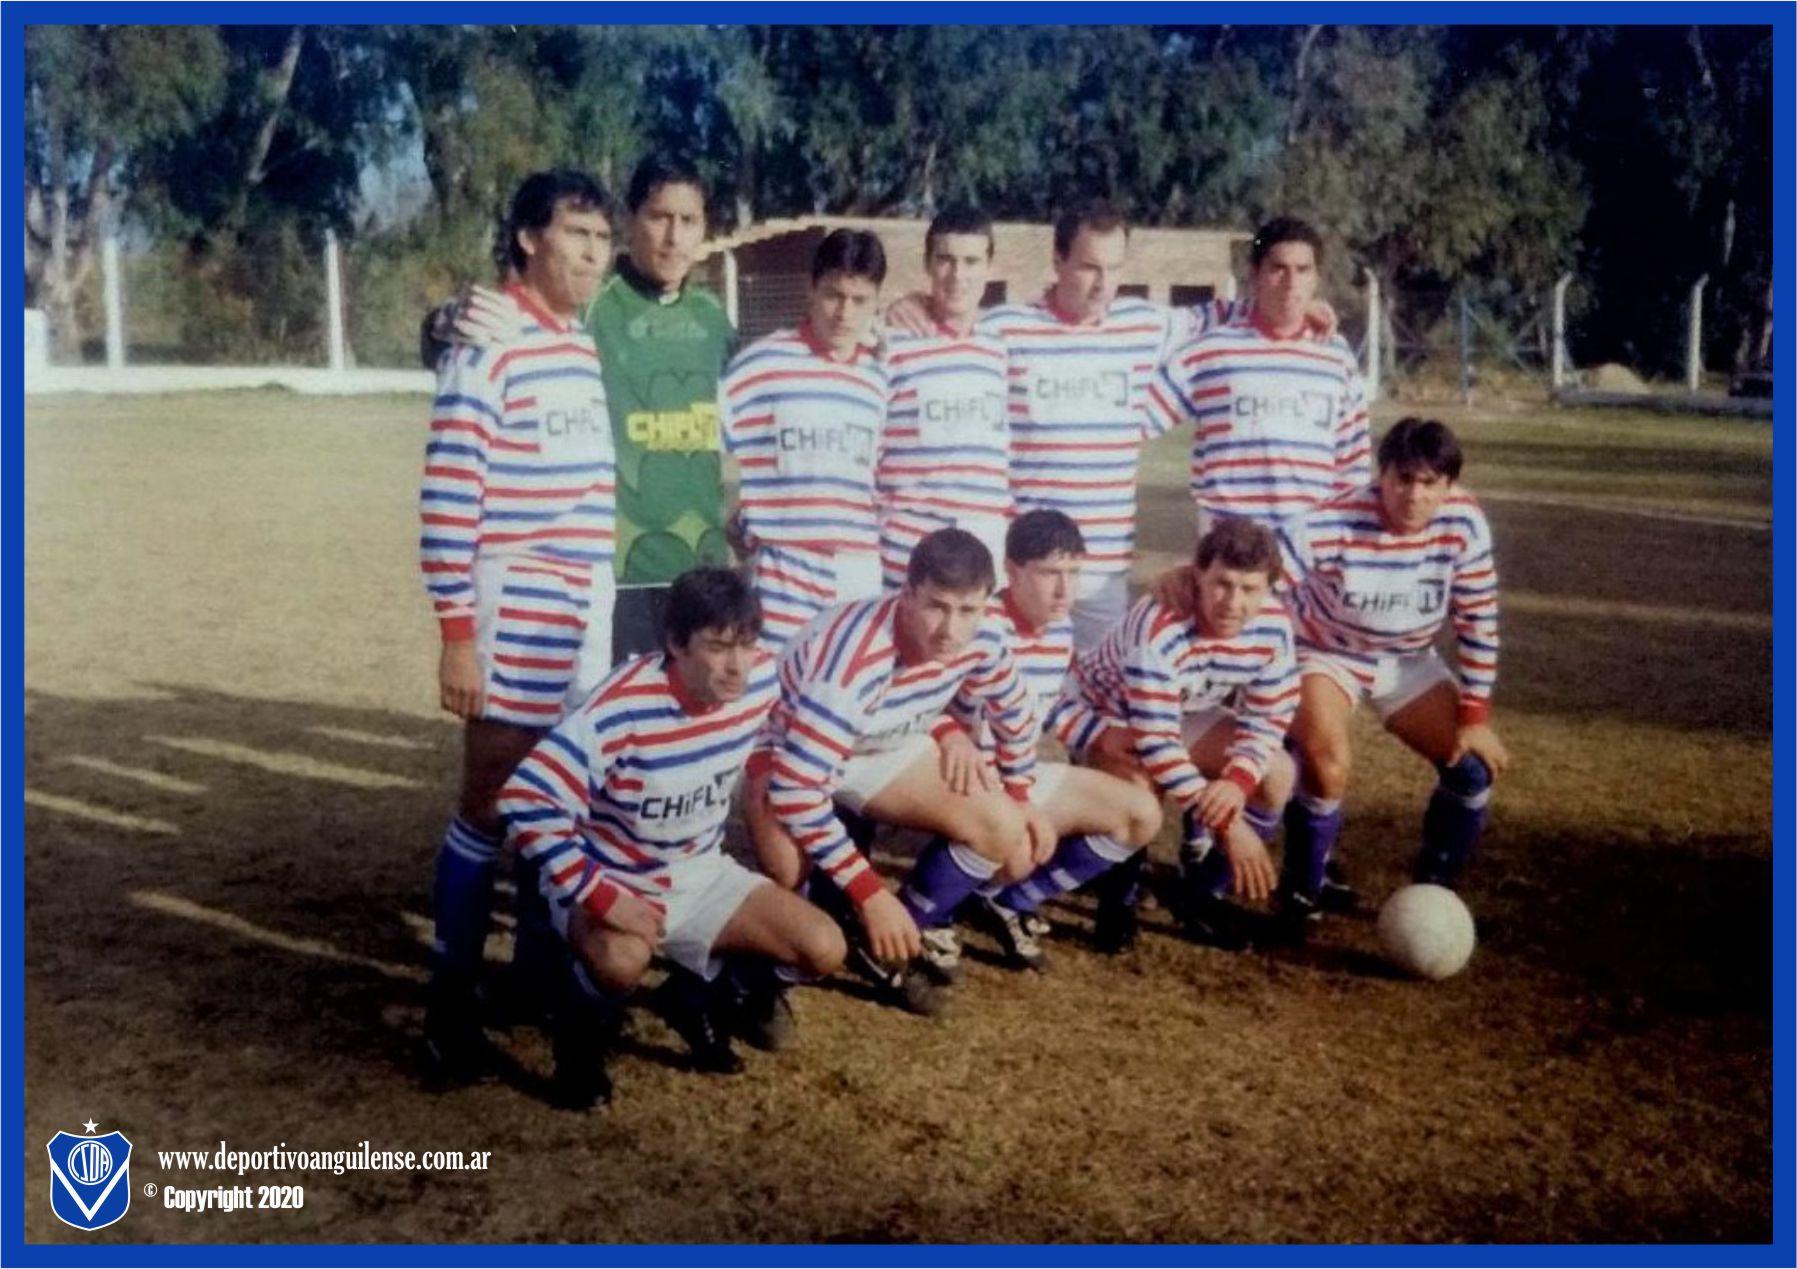 Anguilense 1999